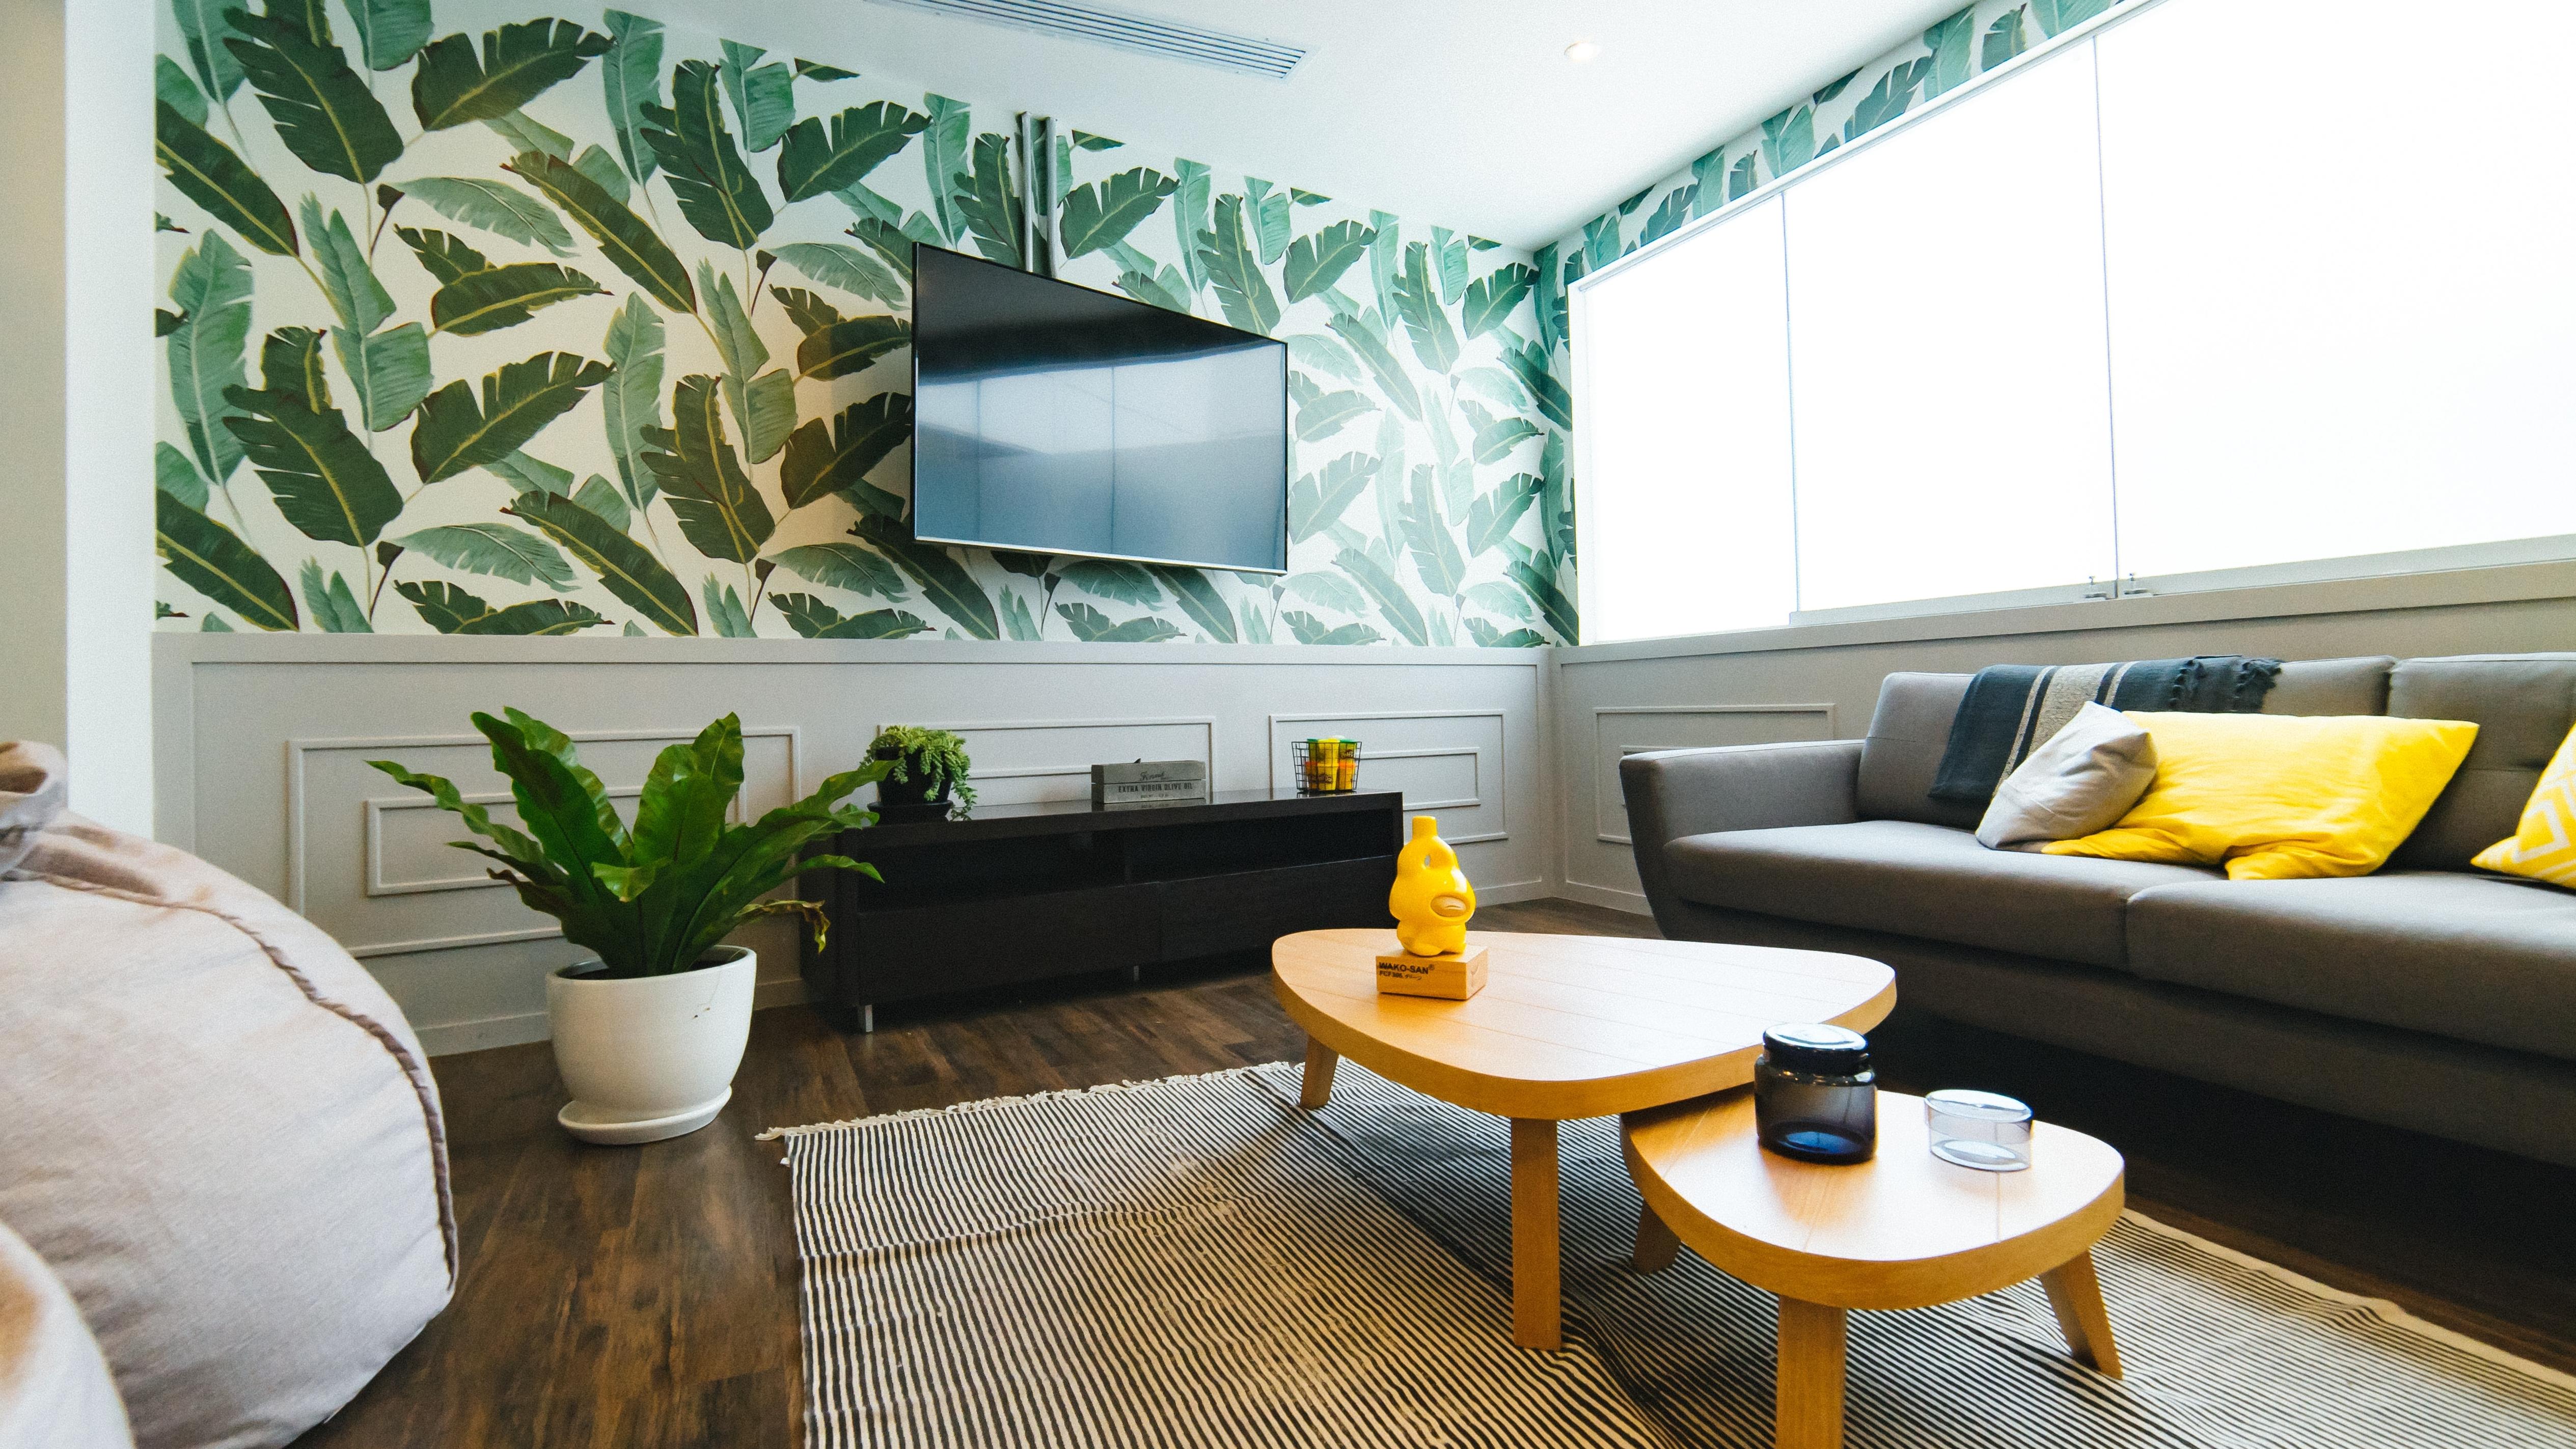 Urban-Jungle-Trend: So wird das Zuhause zum Dschungel